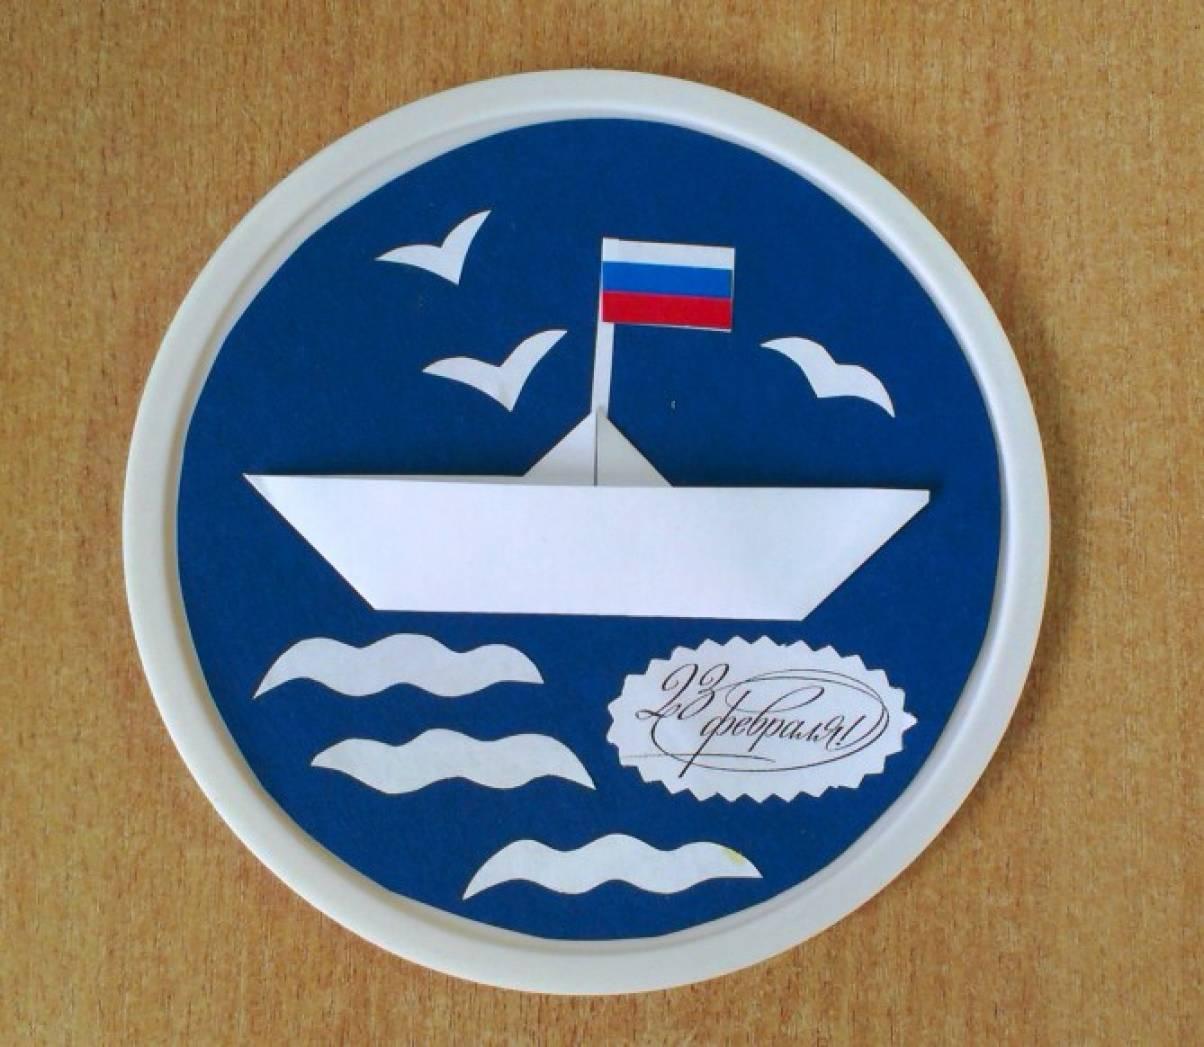 Открытки к 23 февраля кораблики, пух картинки смешные